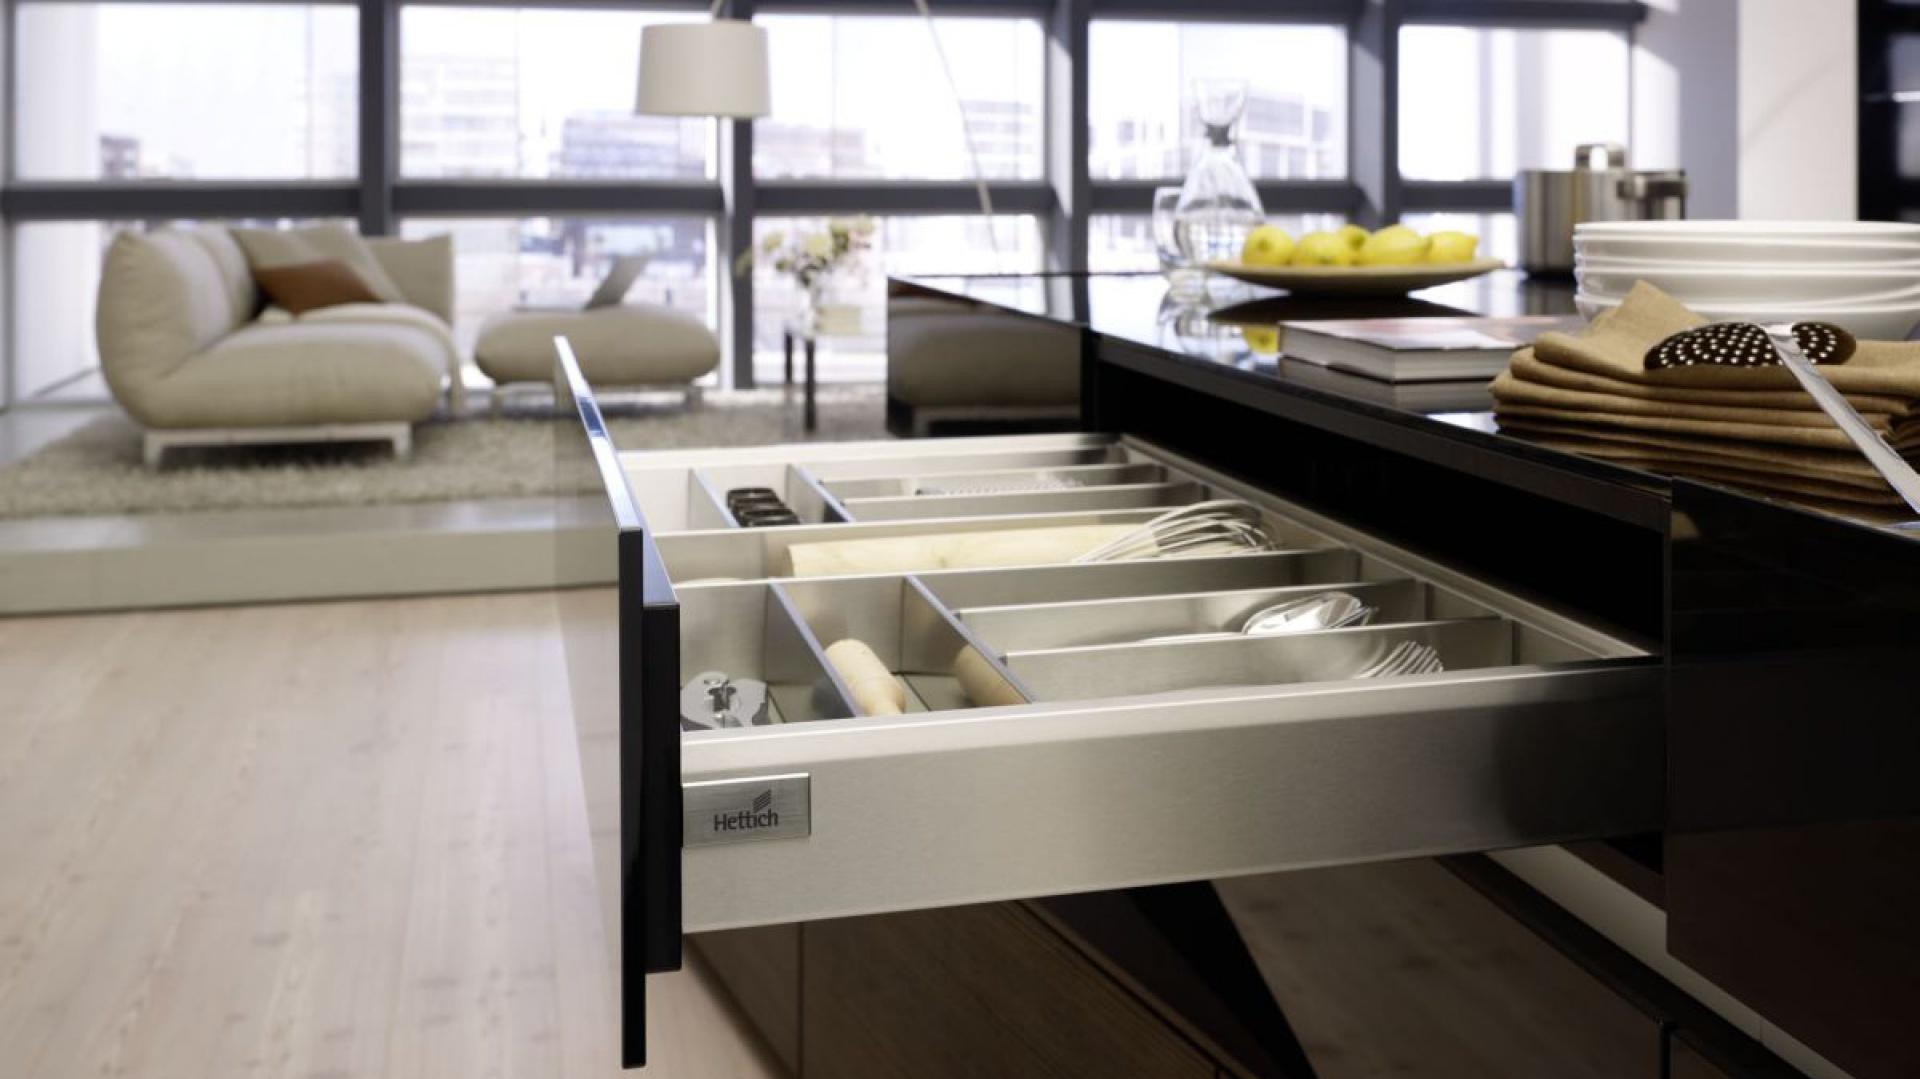 Trudno wyobrazić sobie inne miejsce na przechowywanie sztućców niż niska szuflada. Ale obecnie w kuchni potrzeba czegoś więcej niż miejsca na łyżkę i widelec. Fot. Hettich